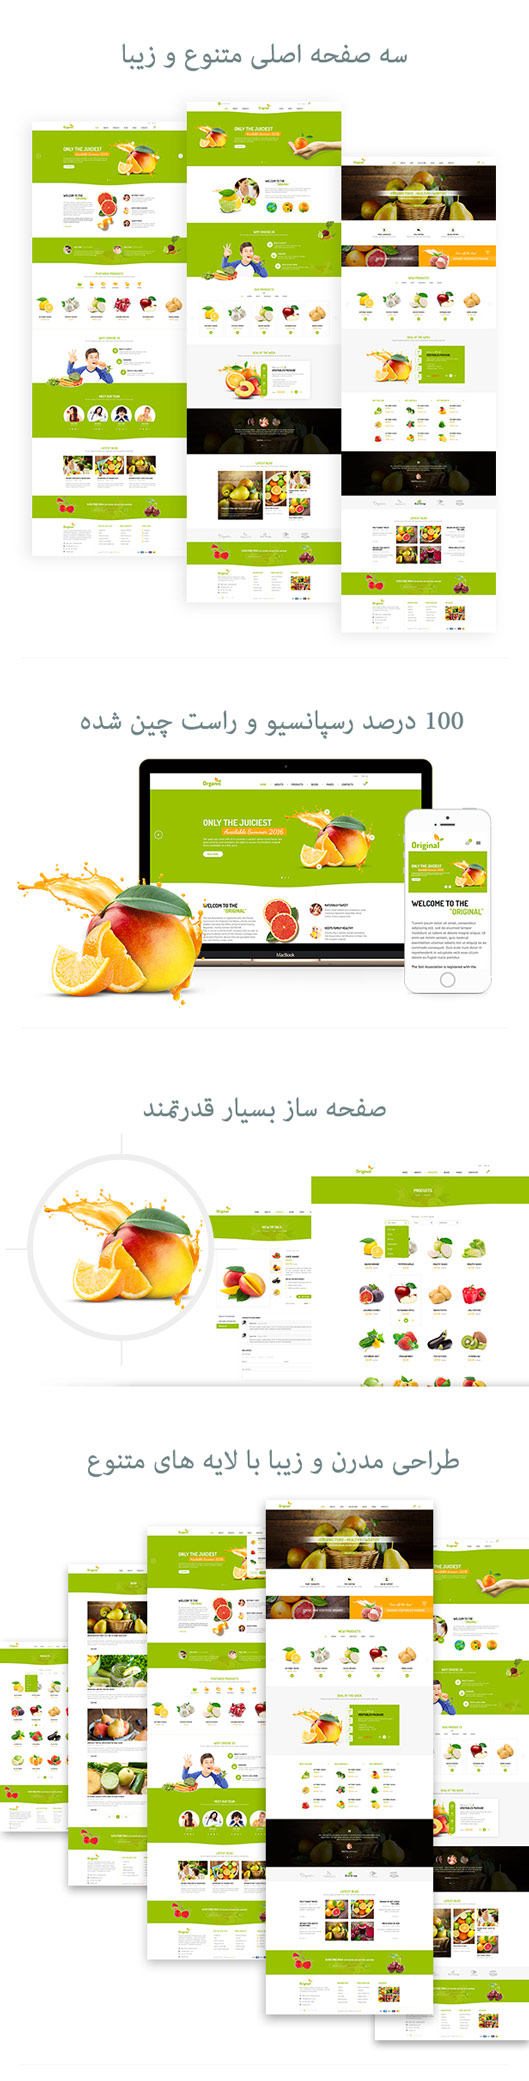 قالب Organic | قالب فروشگاهی ارگانیک پوسته وردپرس حرفه ای | قالب حرفه ای organic